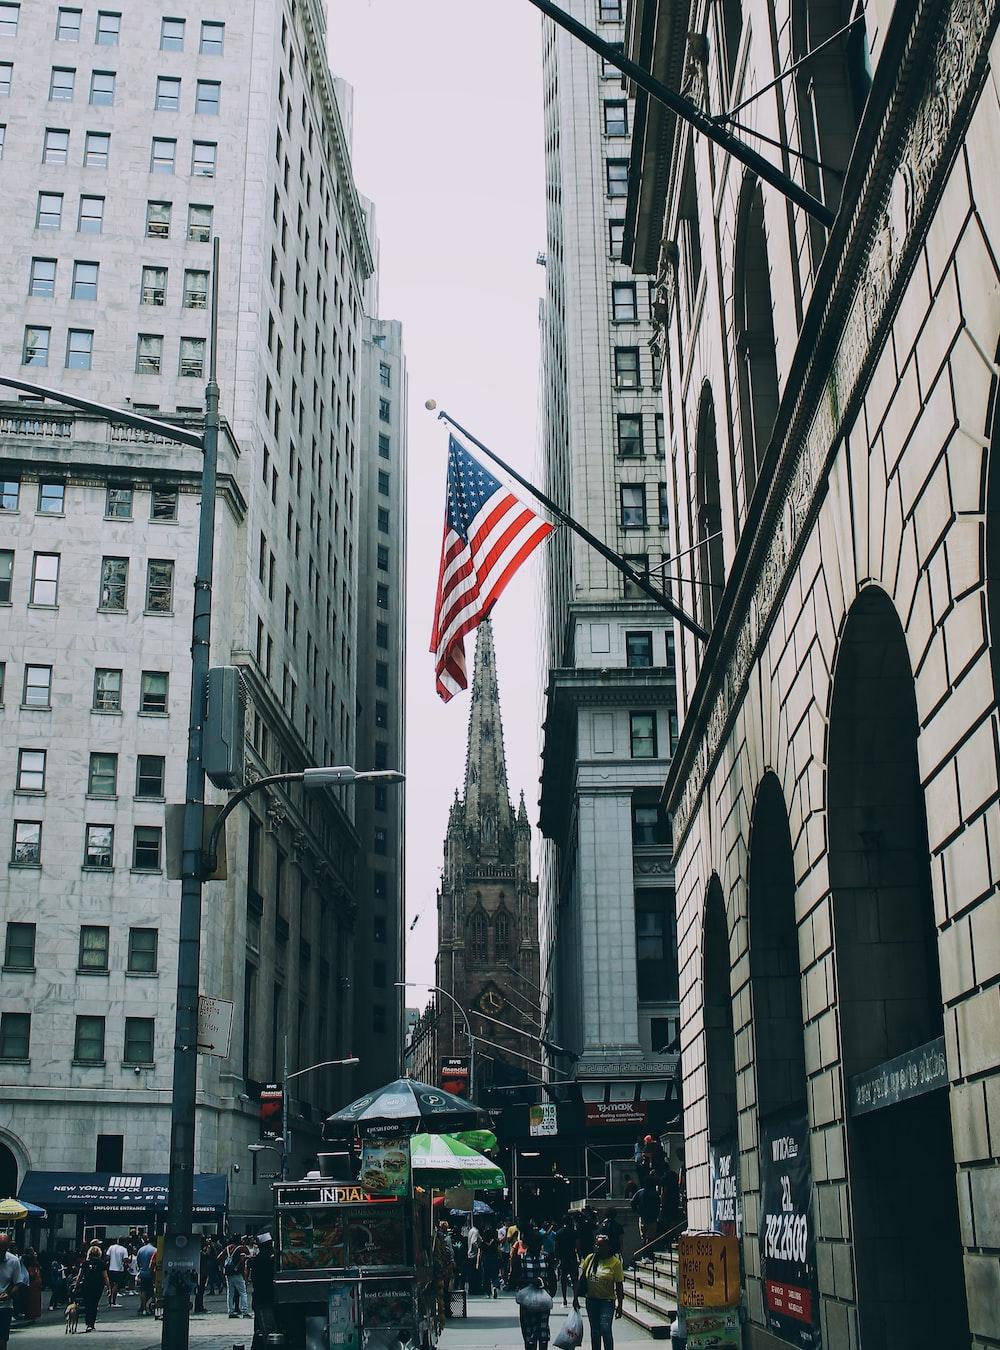 US flag beside street